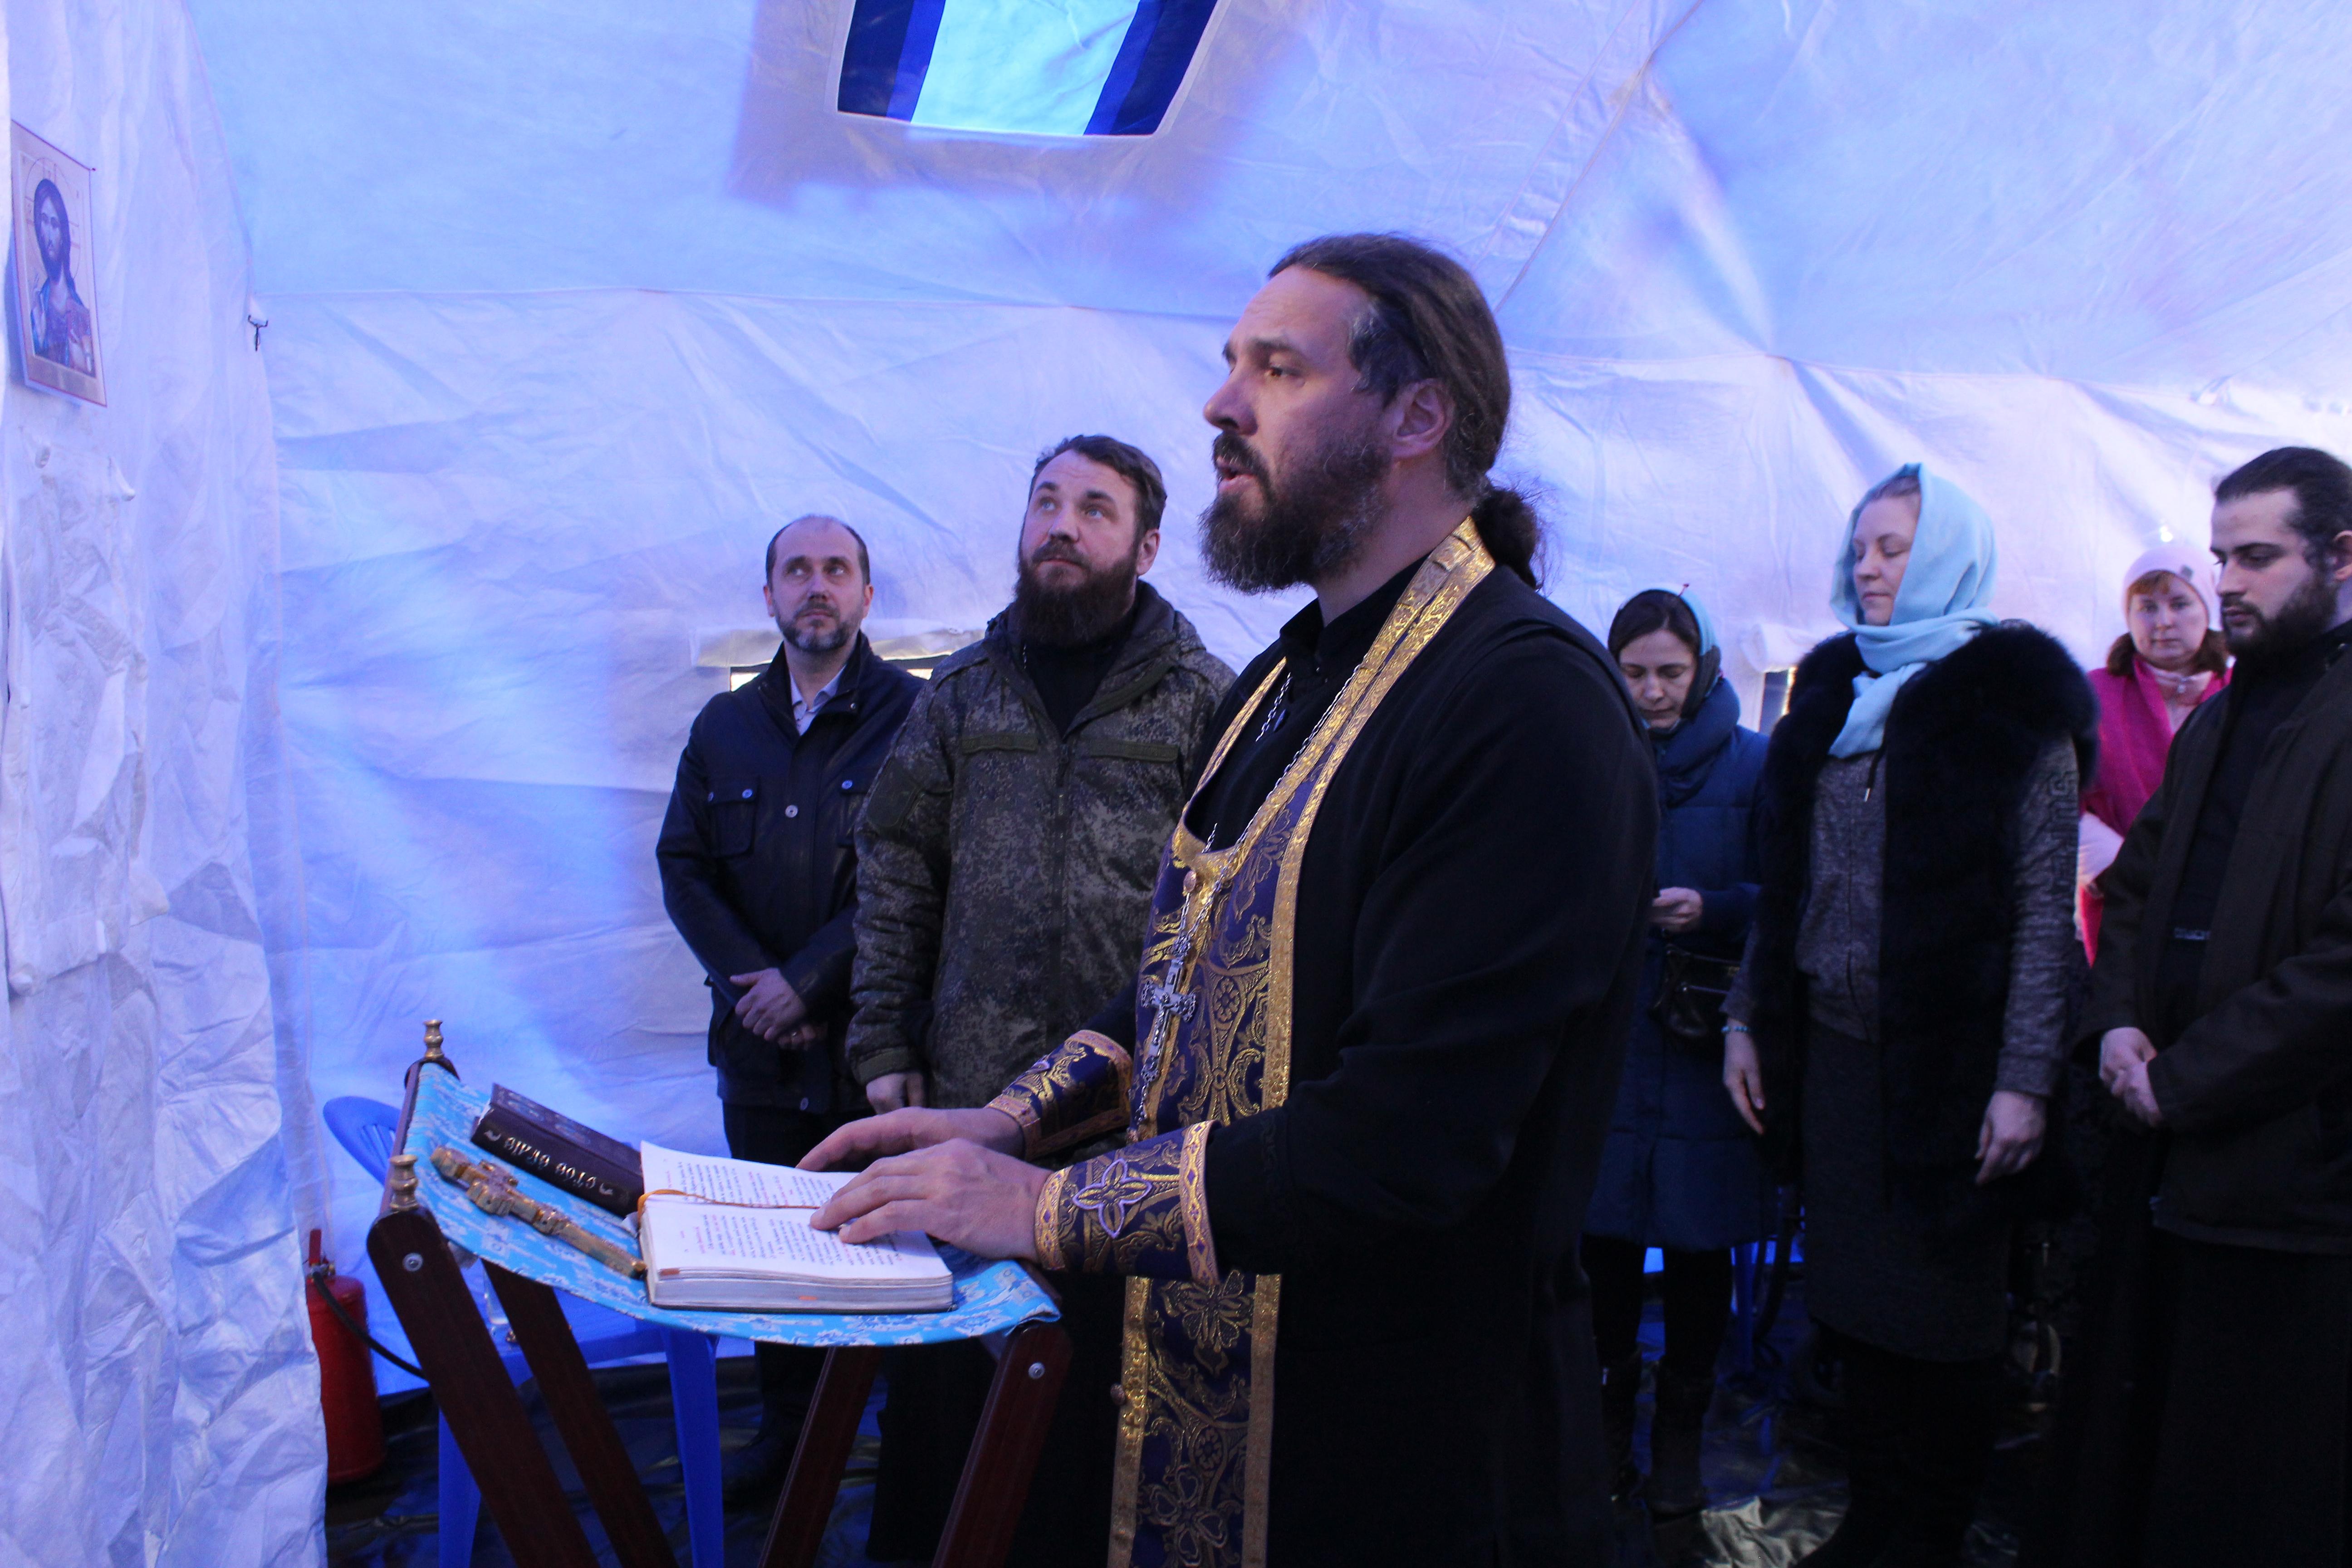 Екатеринбургская Православная Служба Милосердия открыла второй в городе пункт помощи бездомным